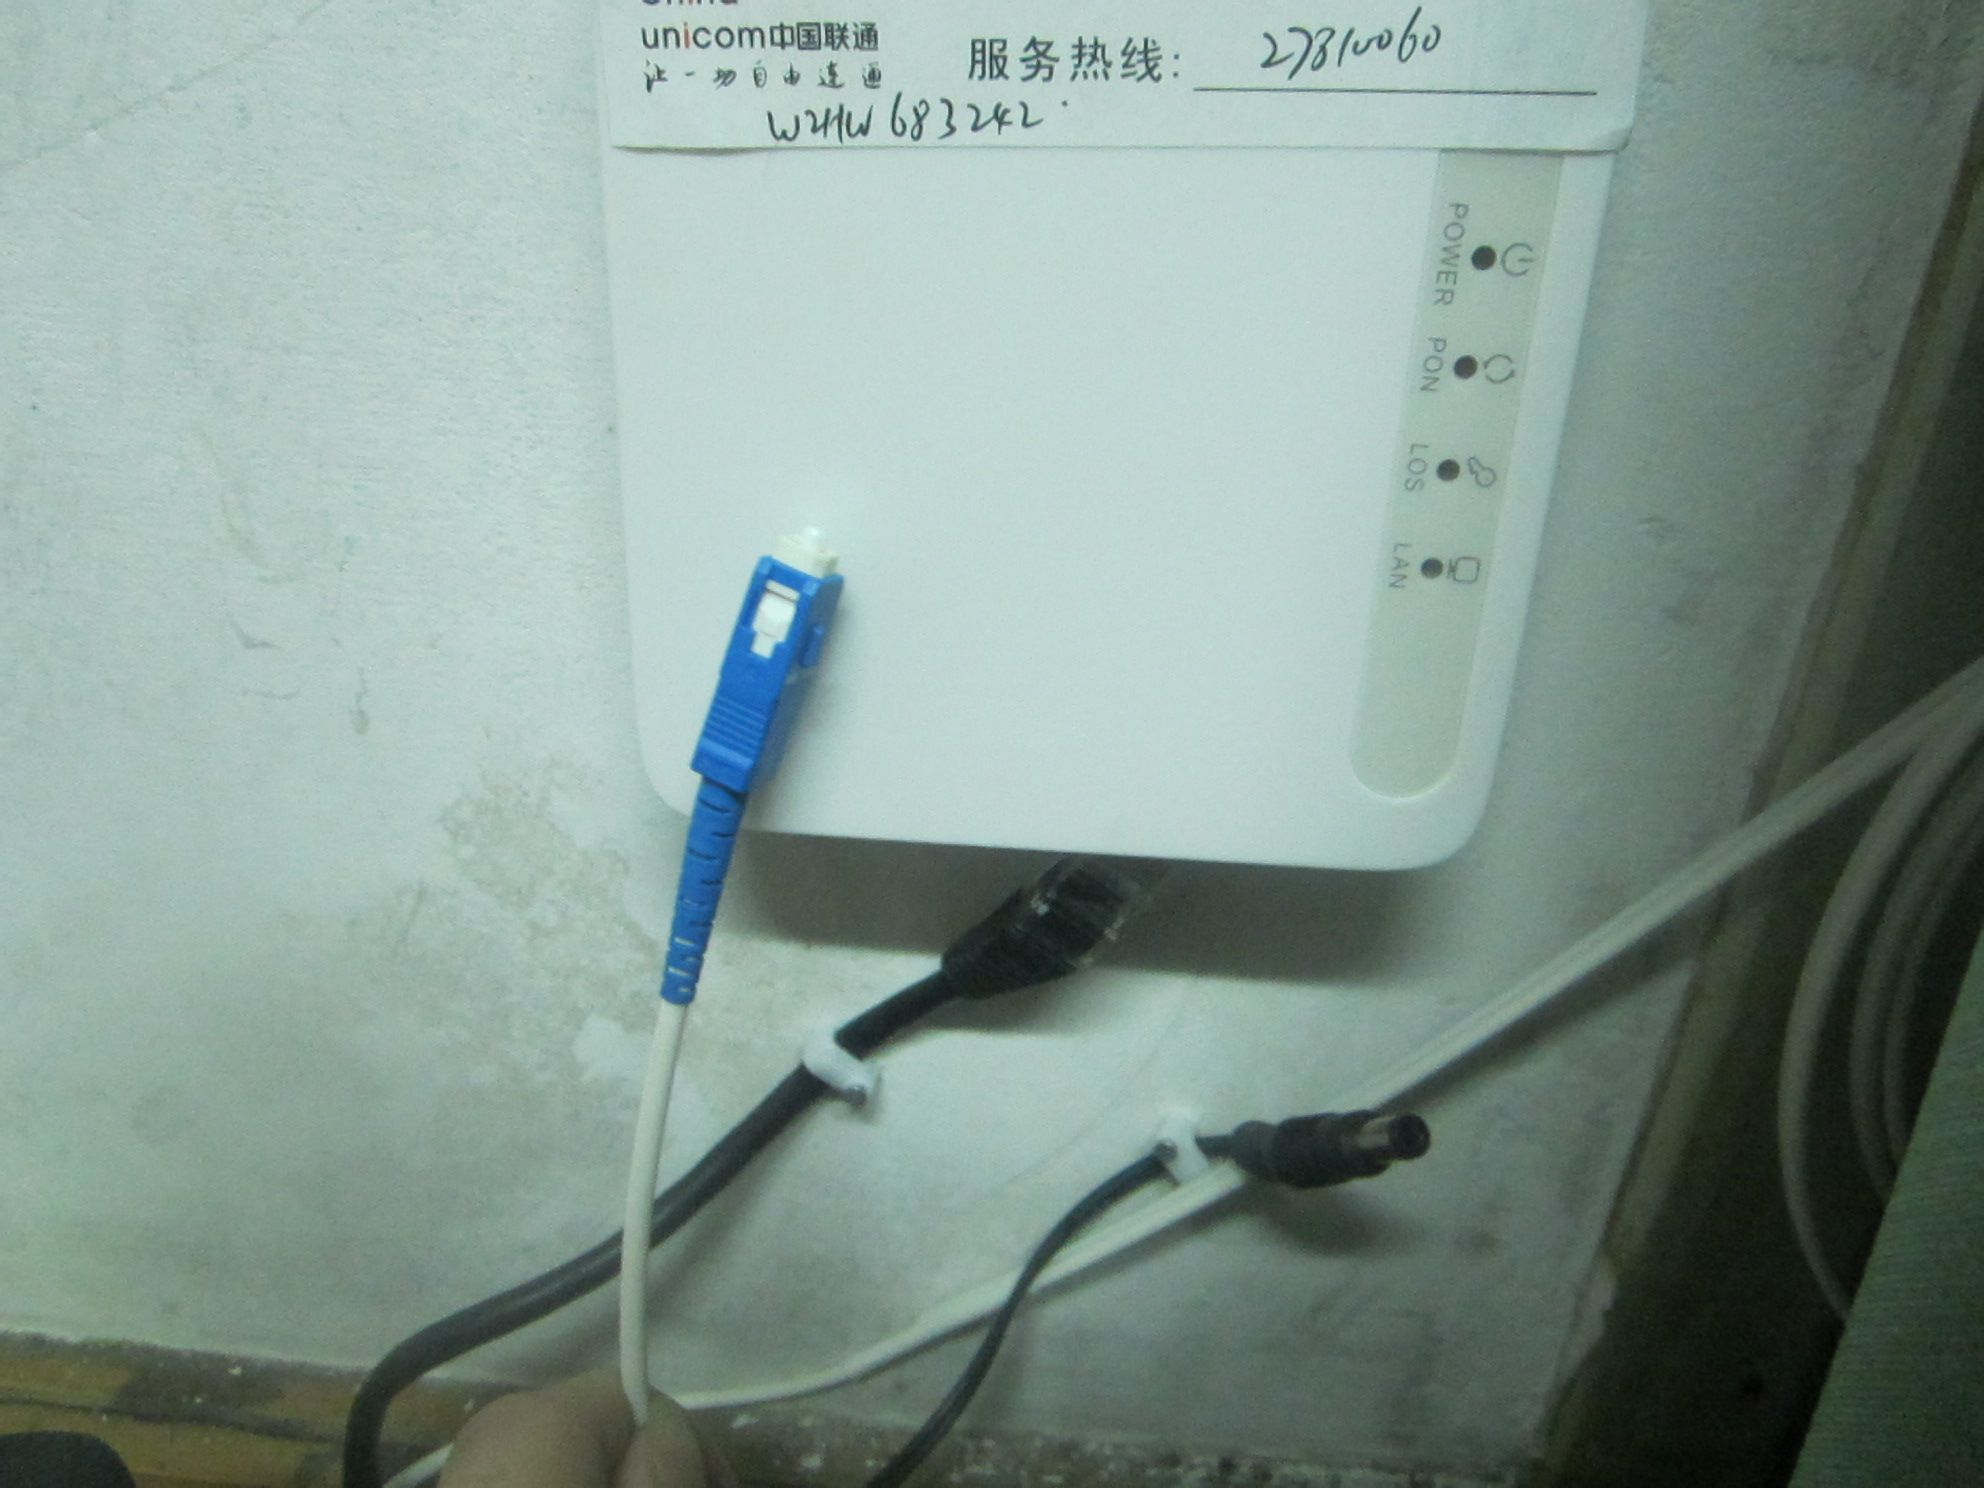 路由器怎么安装_路由器怎么接光纤?或光猫接路由器?_百度知道